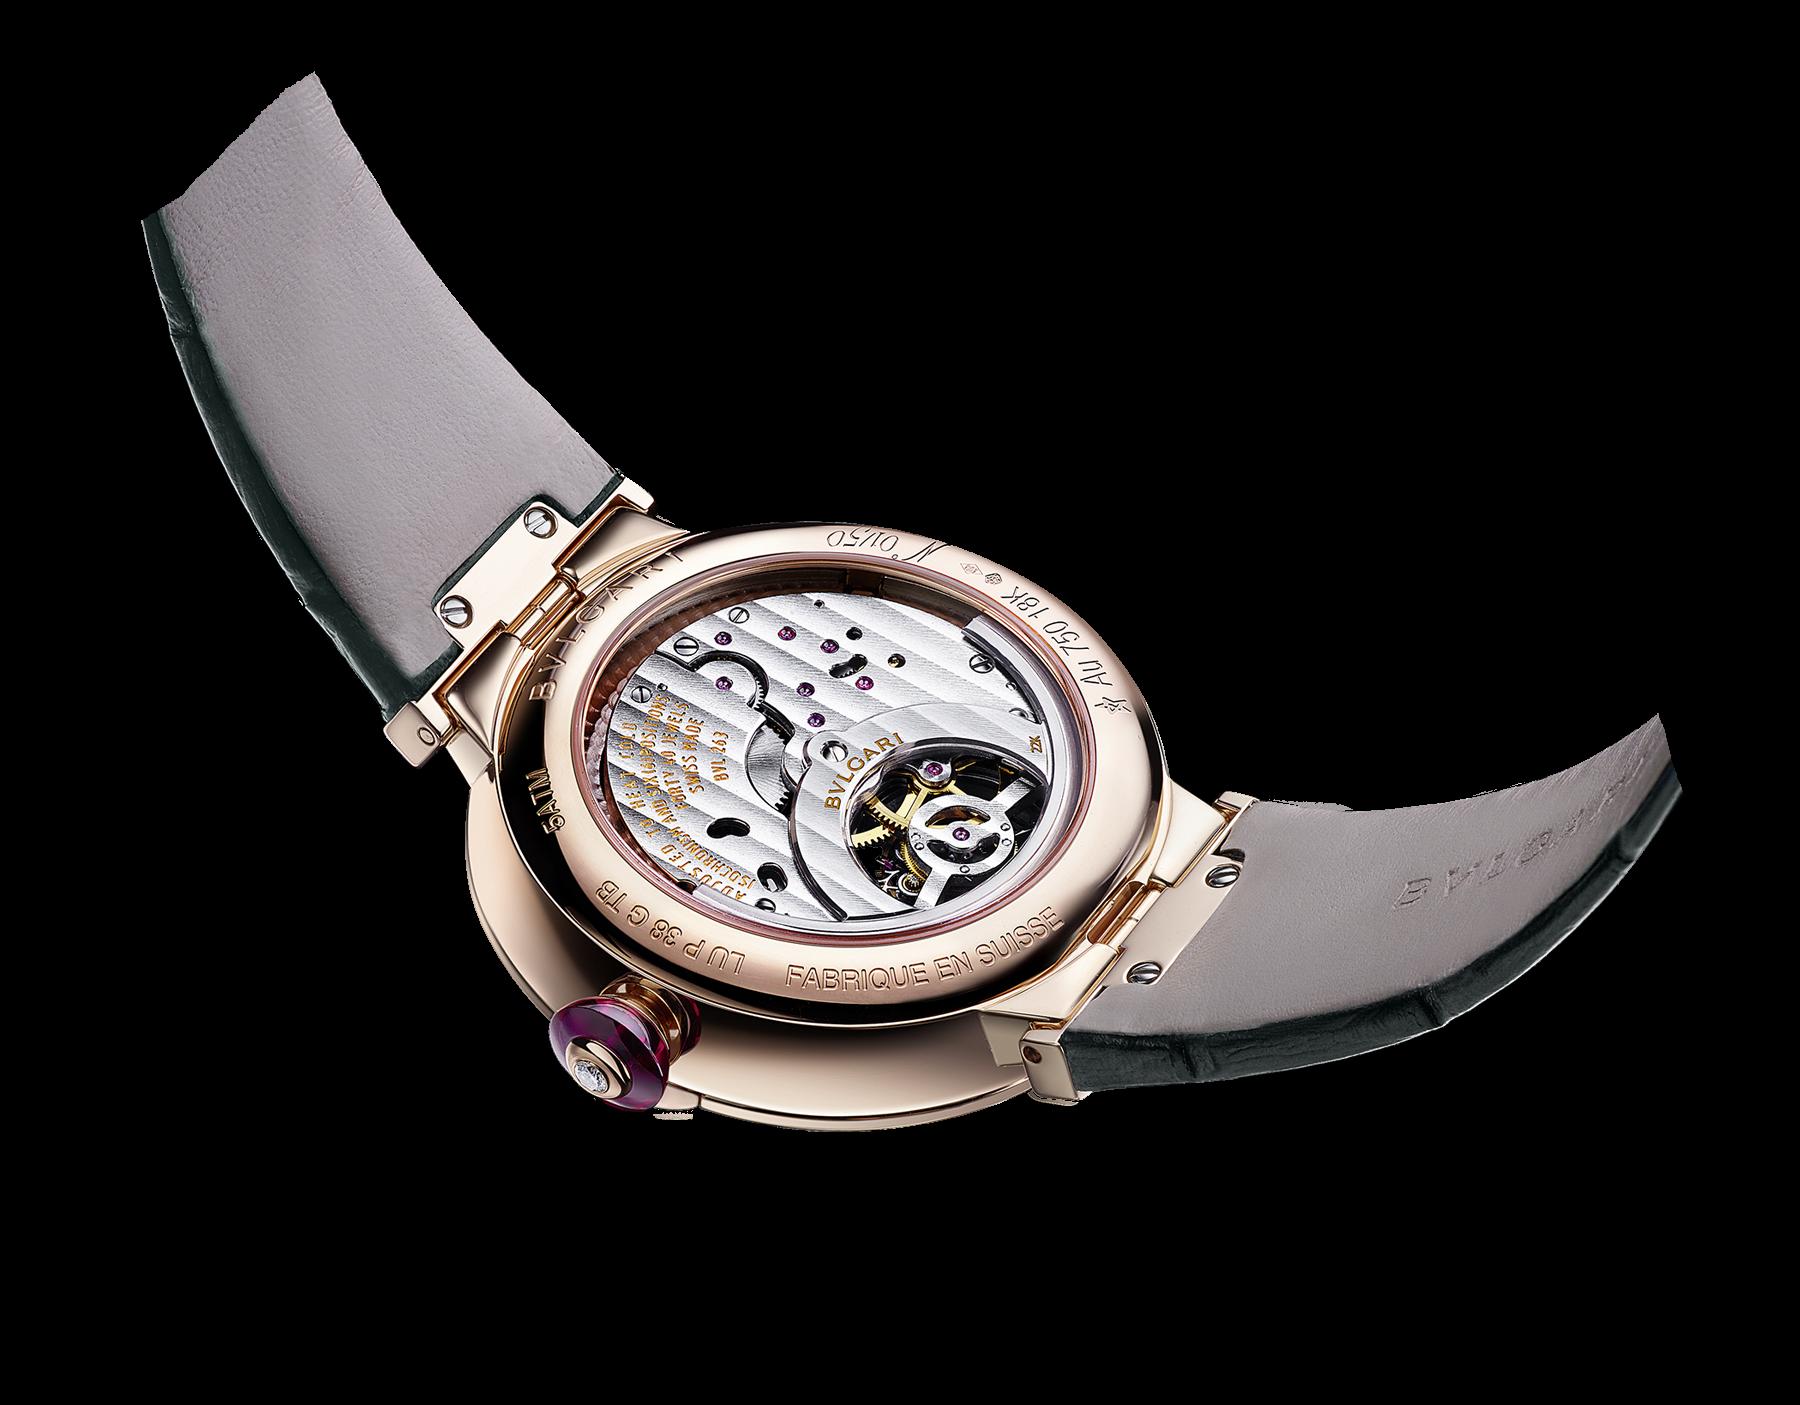 LVCEA Tourbillon 腕錶搭載機械機芯,自動上鍊,鏤空陀飛輪。18K 玫瑰金錶殼鑲飾鑽石,翡翠錶盤,綠色鱷魚皮錶帶。 102693 image 3